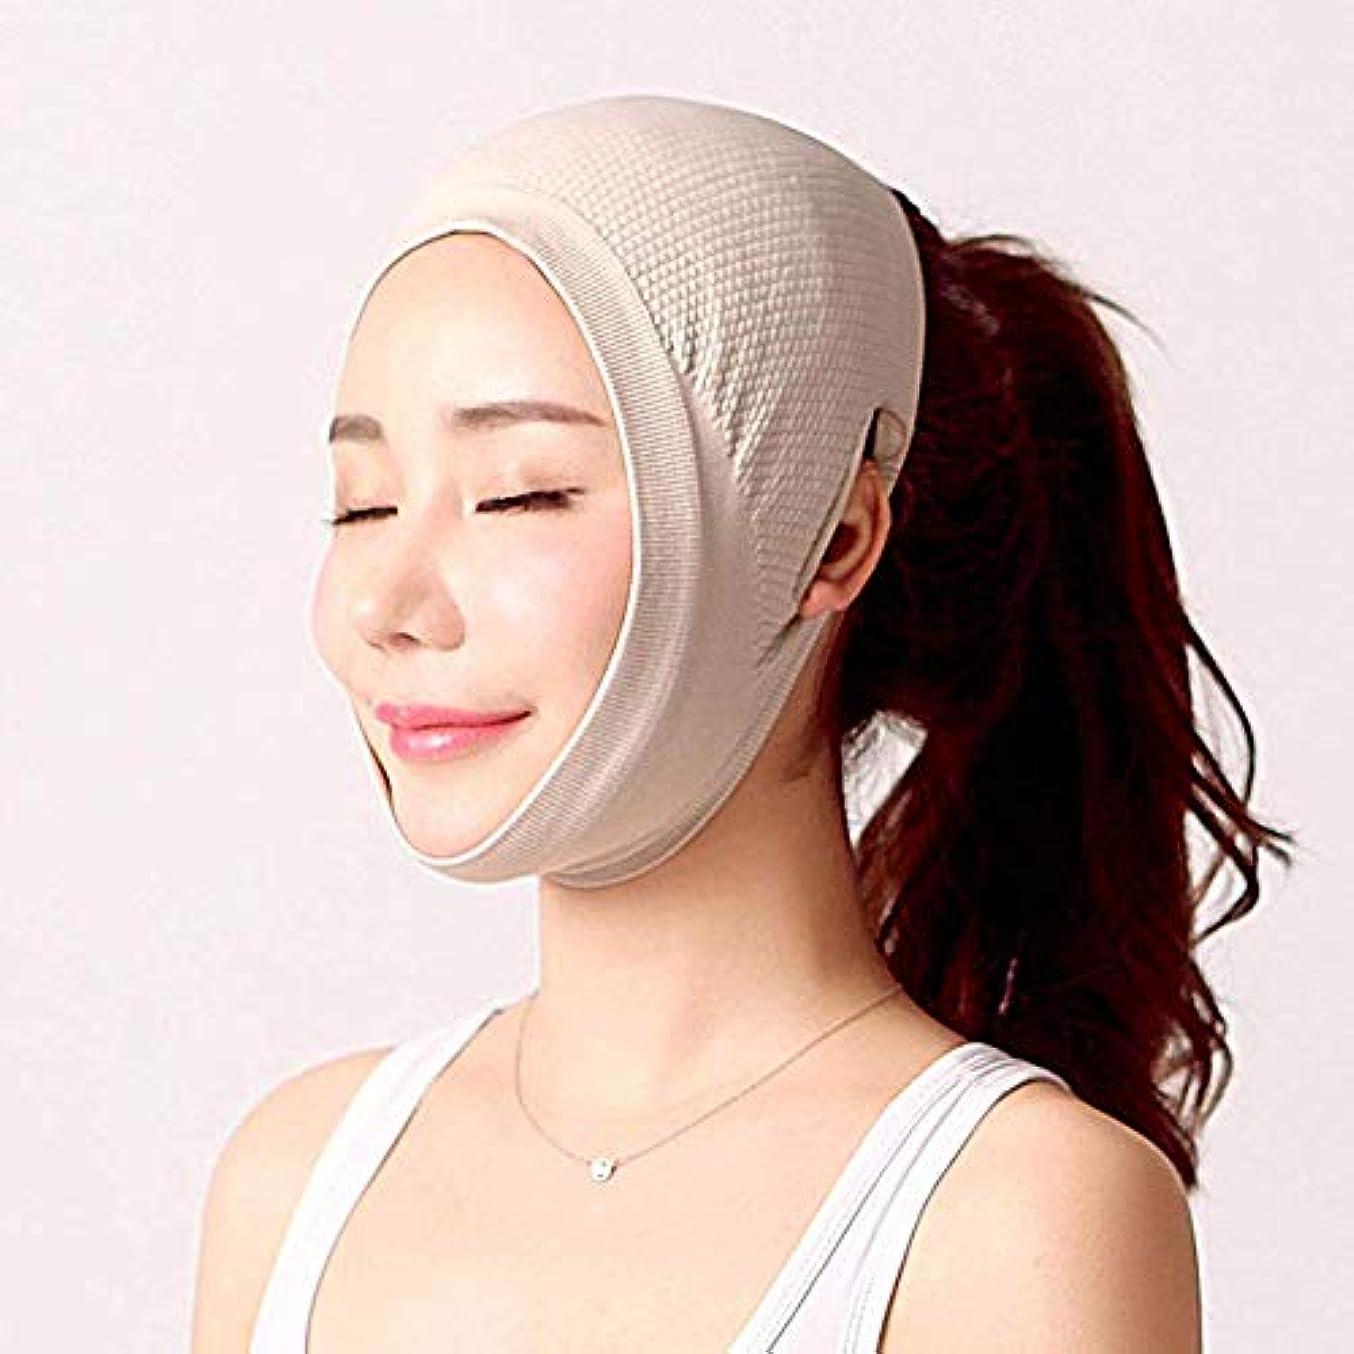 習熟度見せます壁フェイスリフトマスク、Vリフトフェイスフェイスリフト包帯痩身あご頬マスク顔/Vフェイスラインフルフェイス痩身/二重あご通気性